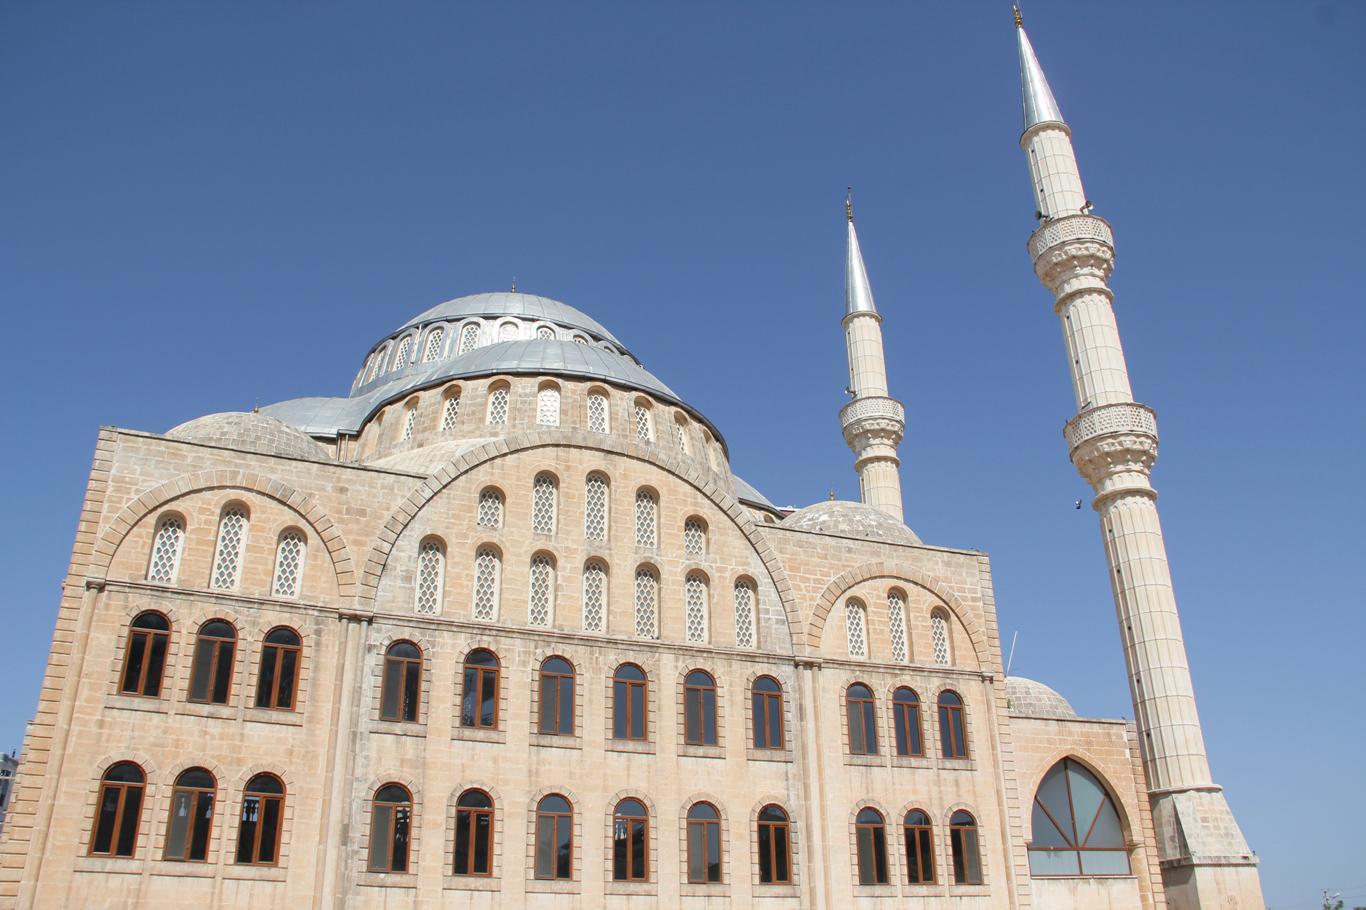 Mardin genelinde Cuma Namazı kılınacak camiler belli oldu